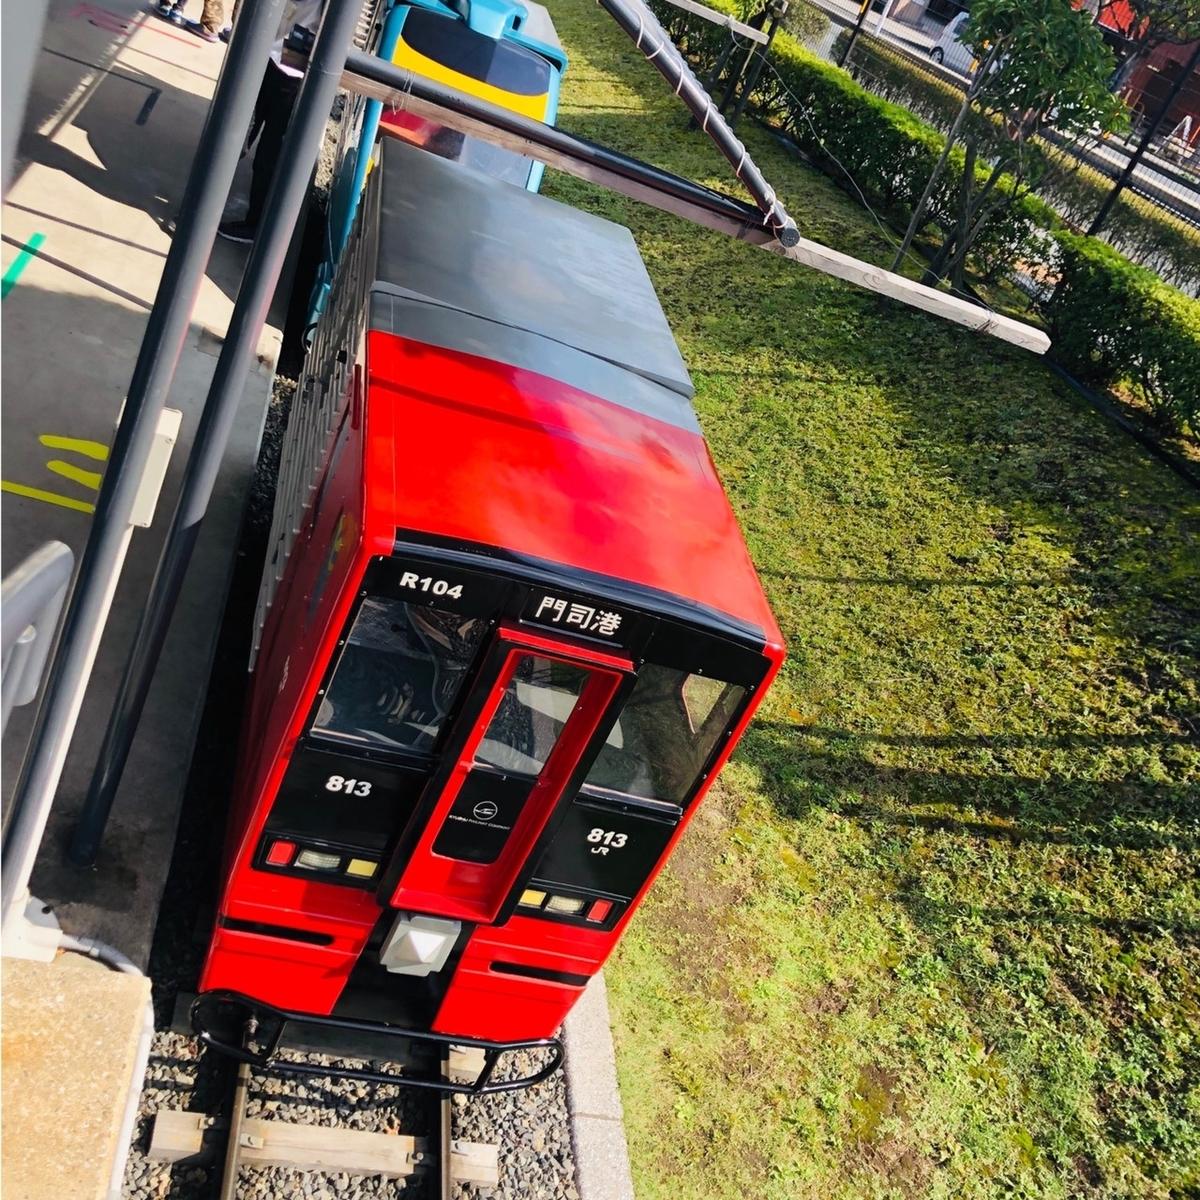 813系近郊型列車のミニ列車を上から撮影した写真